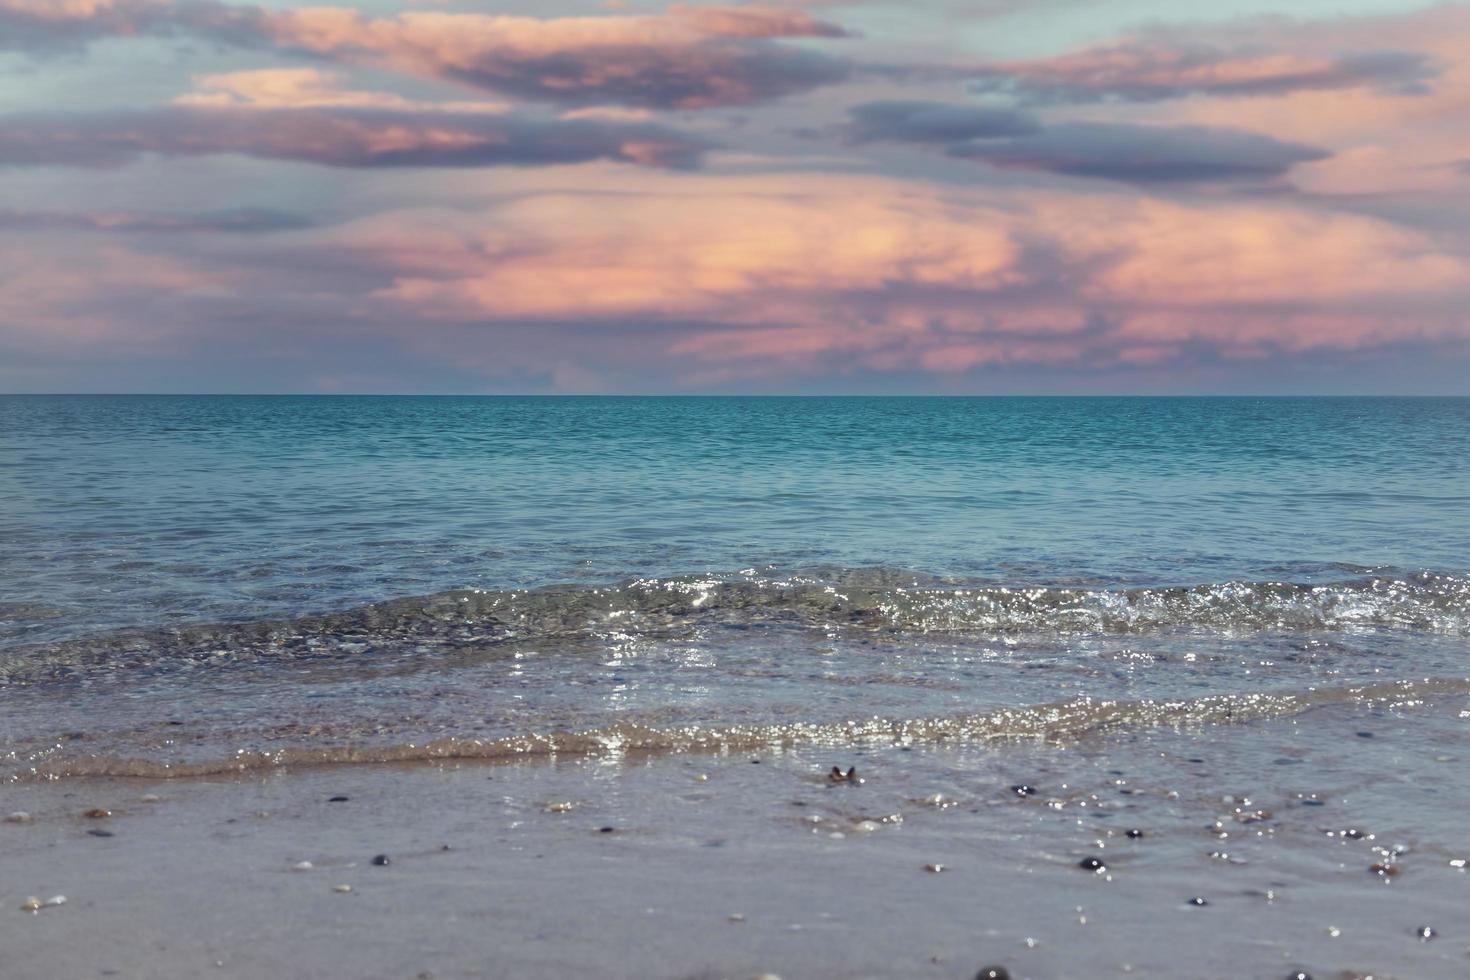 paisaje marino con una colorida puesta de sol rosa foto